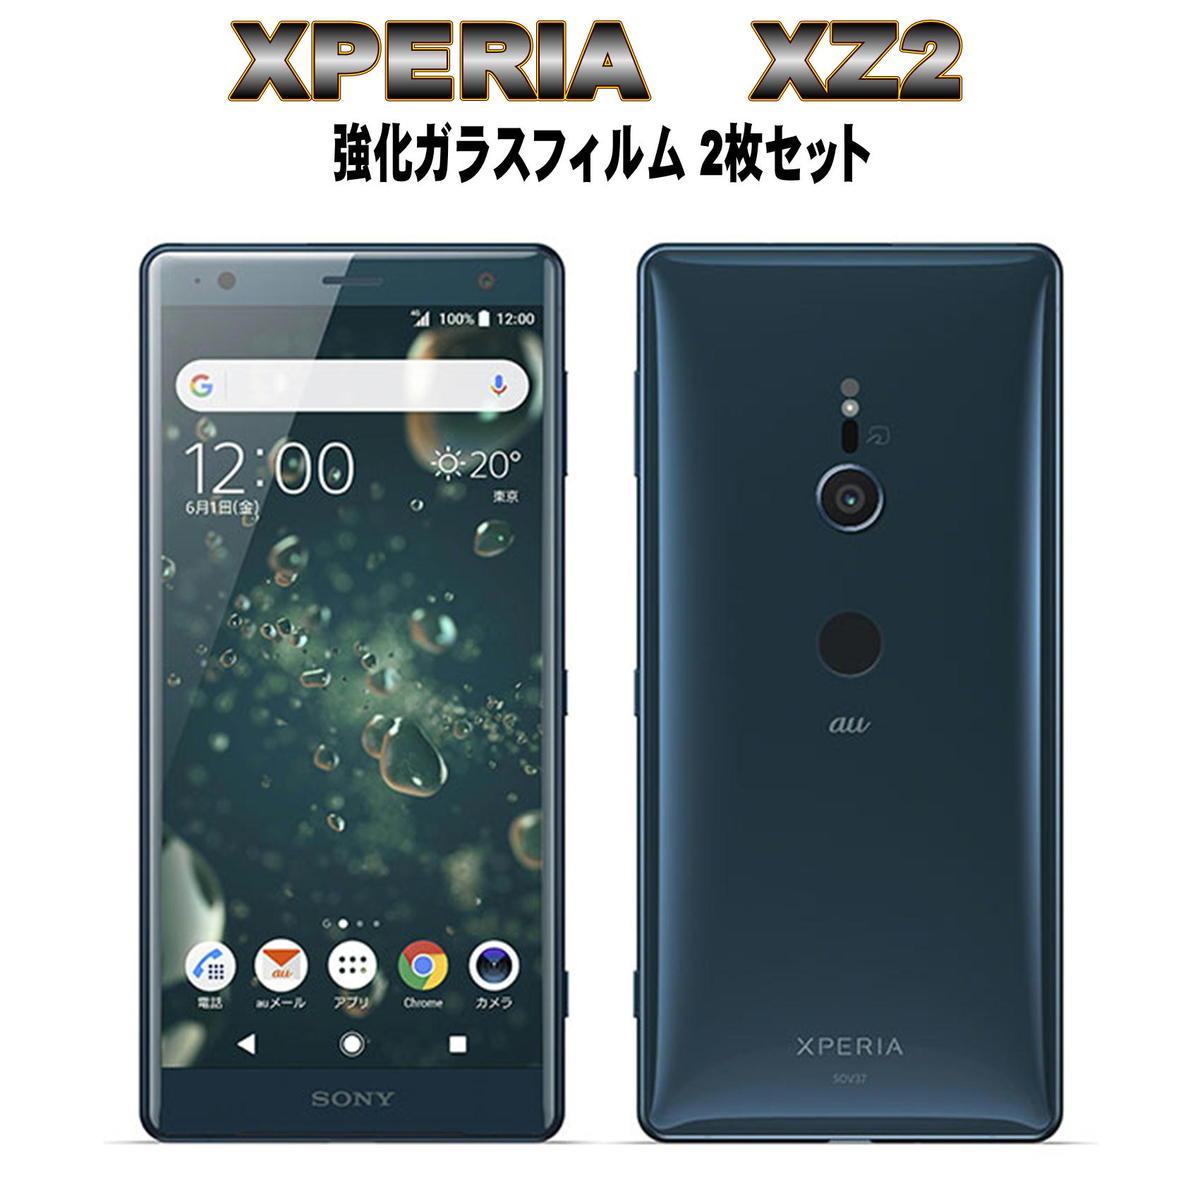 液晶画面を徹底防御 液晶保護フィルム ガラスフィルム 高品質新品 保護フィルム Android アンドロイド フィルム 強化ガラスフィルム XZ2 人気ブランド多数対象 Xperia SOV37 お得な2枚セット 702SO SO-03K